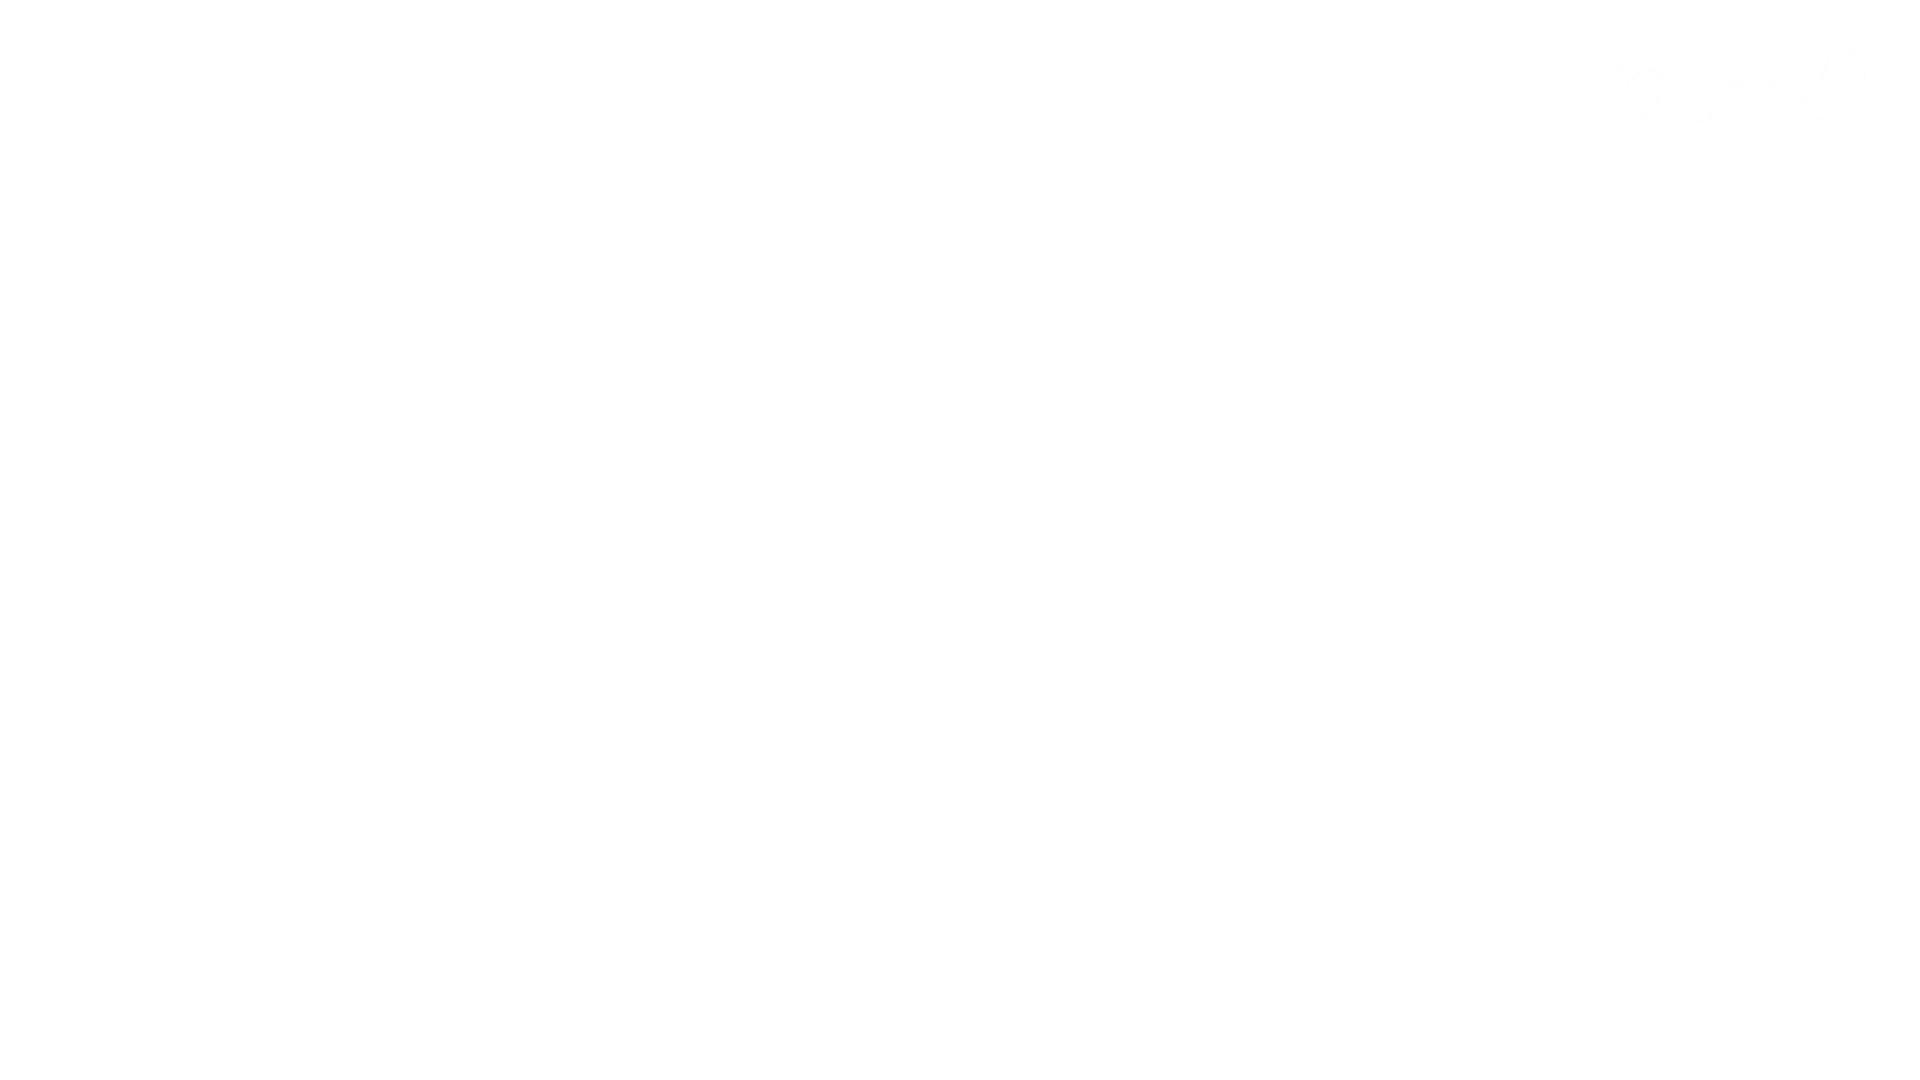 ▲復活限定▲ハイビジョン 盗神伝 Vol.21 OLの実態 | 0  103pic 53